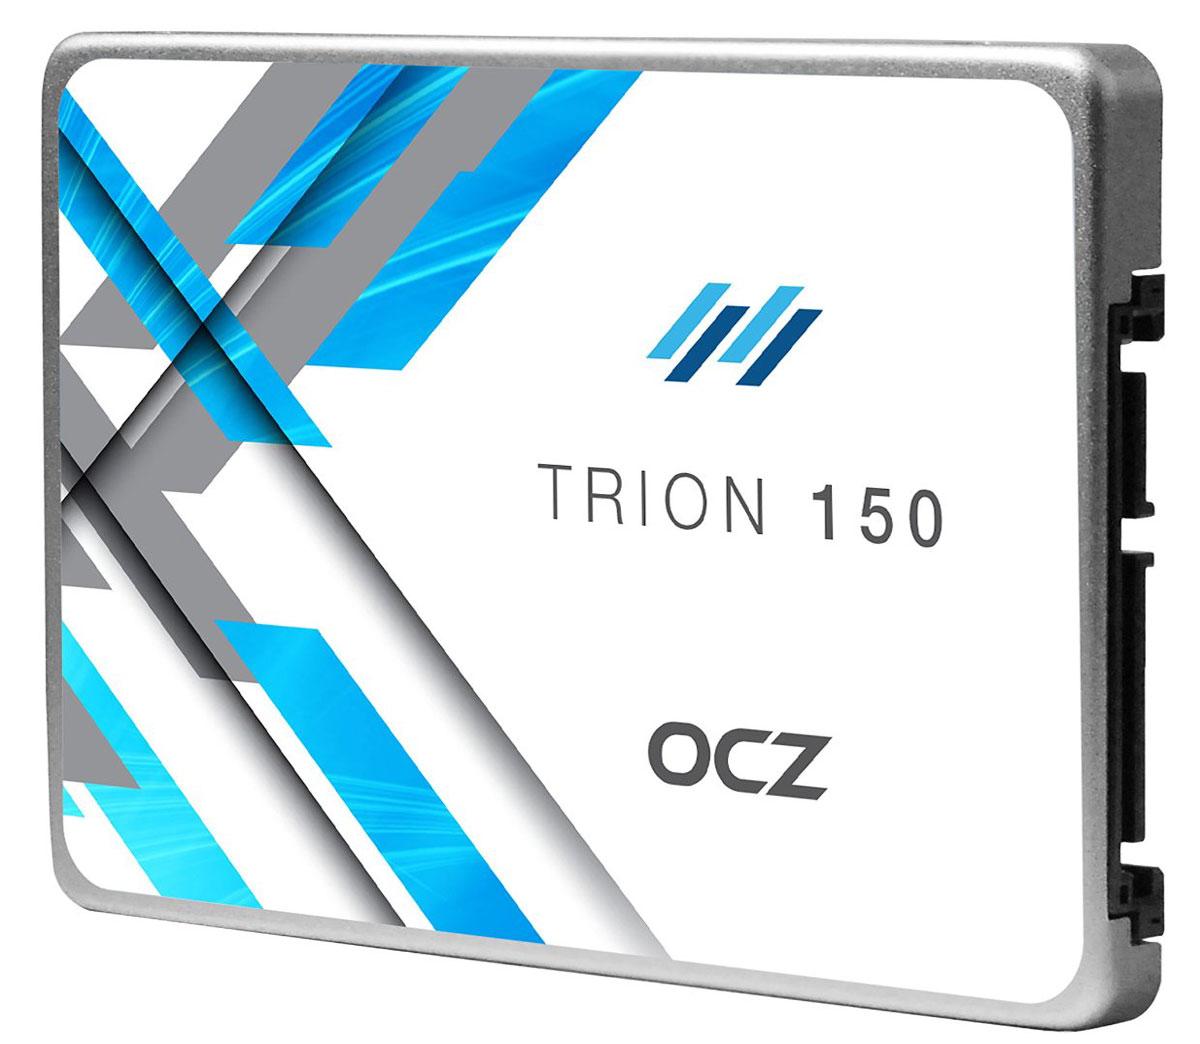 OCZ Trion 150 480GB (TRN150-25SAT3-480G) SSD накопитель352252Переход с жесткого диска на твердотельный накопитель должен быть простым и доступным, и именно в этом помогут SSD-накопители OCZ Trion 150. Для оптимизации и немедленного повышения скорости работы ноутбука или ПК в SSD-накопителе серии Trion 150 используется флеш-память TLC NAND от Toshiba. Это гарантирует долговечность, а также обеспечивает превосходный баланс производительности, надежности и качества, способного преобразить любую мобильную или стационарную систему.Быстрый и эффективный:Повысьте свою производительность при помощи накопителей Trion 150, и вы увидите, что ПК станет быстрее загружаться, время передачи файлов сократится, а общая отзывчивость системы улучшится. Попрощайтесь с задержками, присущими обычным жестким дискам, и начните новую эру вычислений, стоящую затрат вашего времени.Производительность по доступной цене:Переход на SSD может ощущаться, как если бы вы приобрели полностью новую систему - производительность значительно выросла, но при этом затраты не столь значительны. Накопители SSD Trion 150 точно поддерживают баланс цены и производительности, значит после апгрейда у вас останется достаточно средств на замену остальных компонентов.Качество и надежность мирового уровня:Все накопители Trion 150 созданы со 100% использованием технологий Toshiba, что обеспечивает им высокое качество и надежность. Ваши данные надежно защищены.Увеличенное время работы от батарей:Более энерго-эффективные накопители Trion 150 оптимизированы для малого потребления энергии, что означает более продолжительную работу от батарей.Серьезная скорость без обмана:Накопители Trion 150 обеспечивают достаточную реальную производительность для любых игровых и рабочих приложений. Никаких хитрых секретных трюков - исключительно производительная система хранения данных.Как собрать игровой компьютер. Статья OZON ГидКакой SSD выбрать. Статья OZON Гид